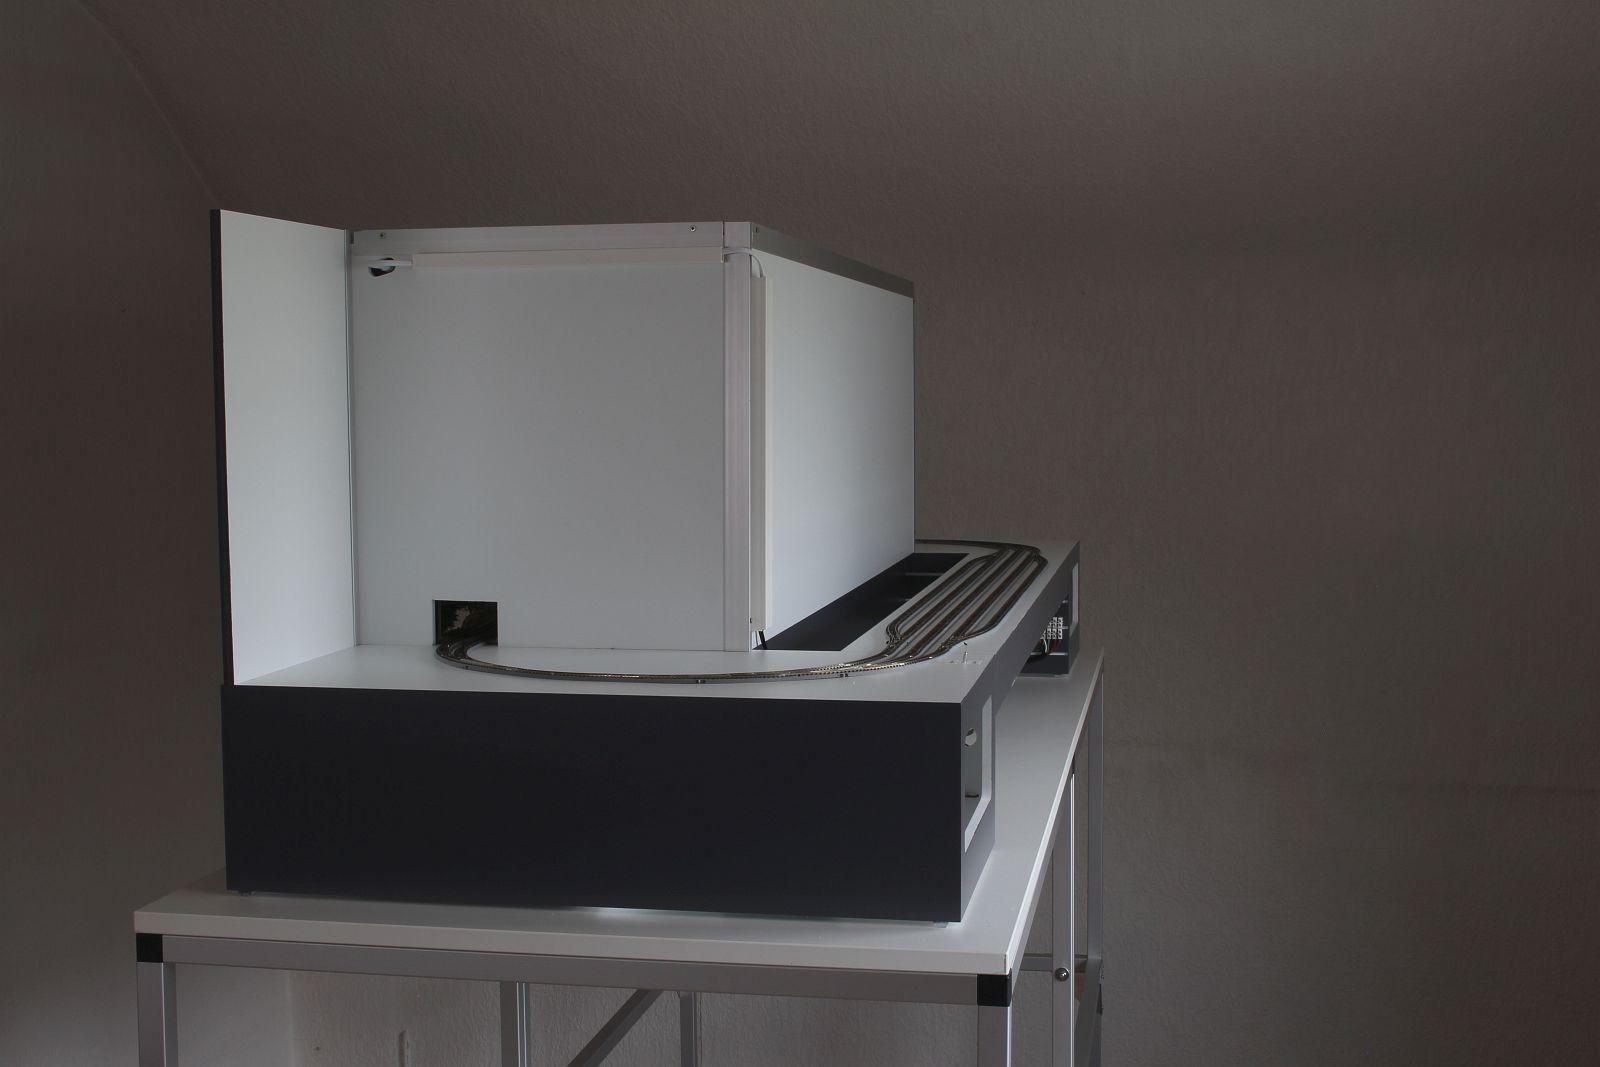 Präsentationsdiorama mit Leuchtkasten von der Seite